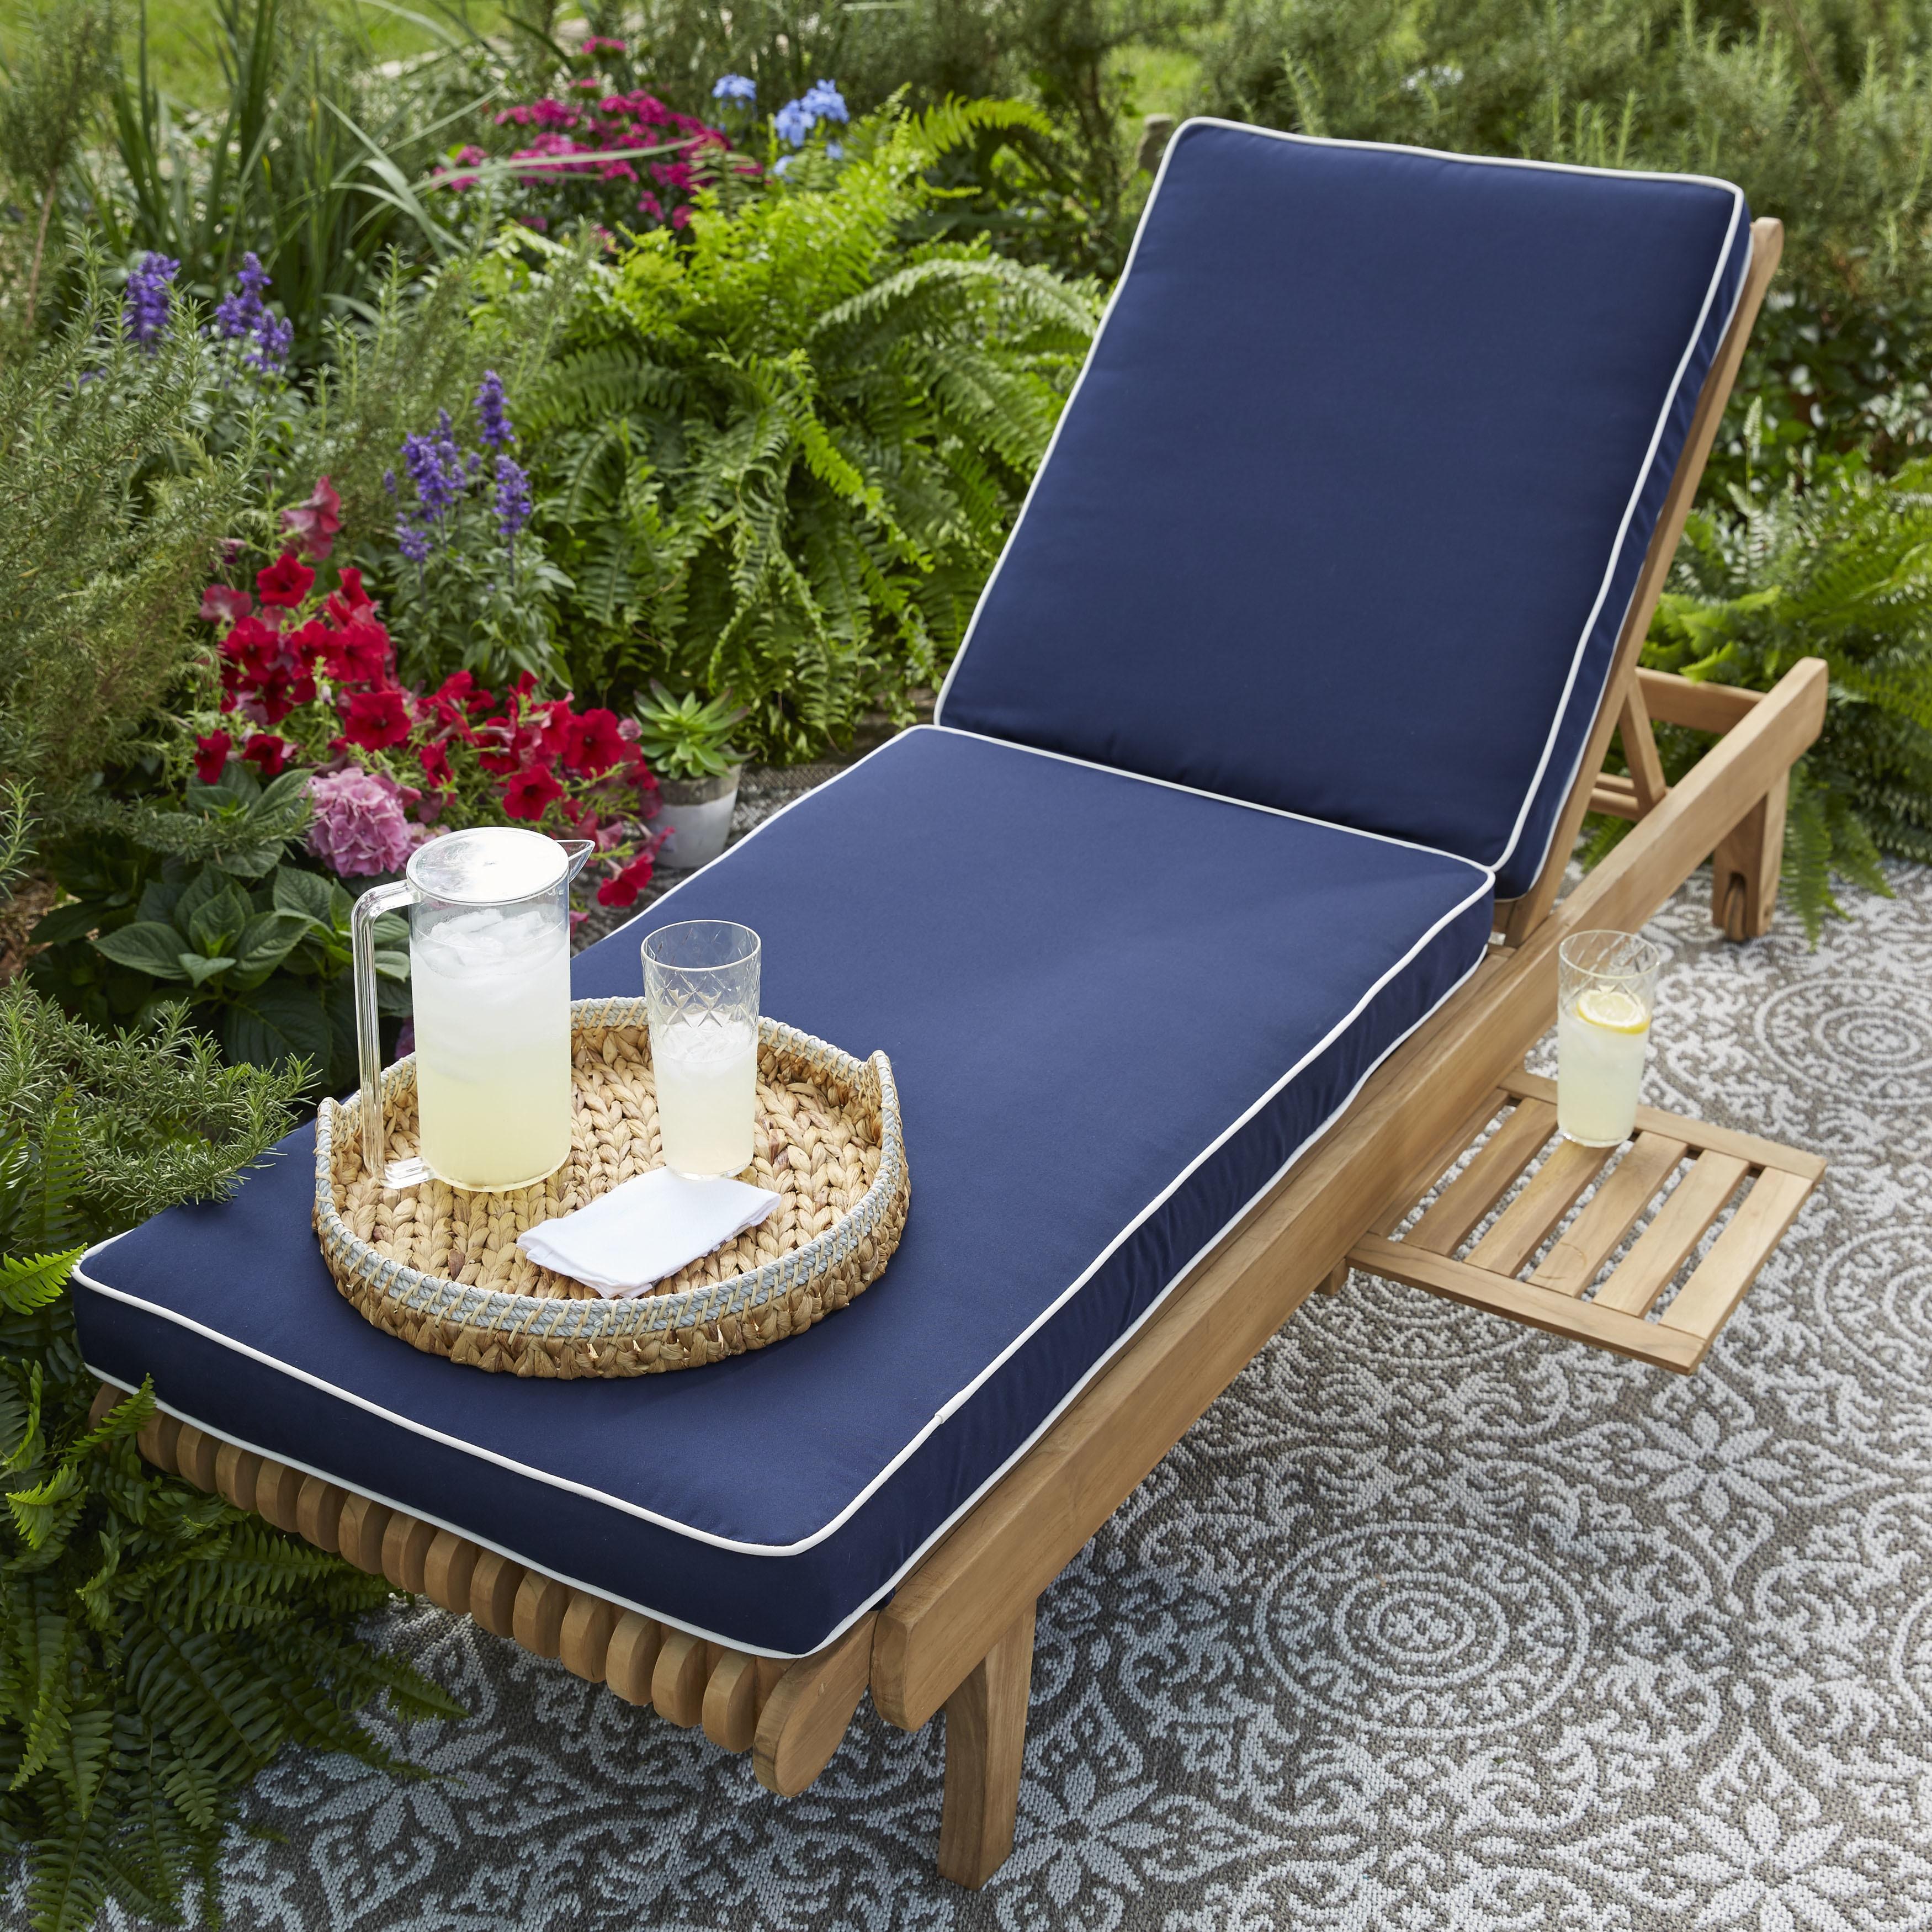 Kokomo Teak Hinged Sunlounger Cushion